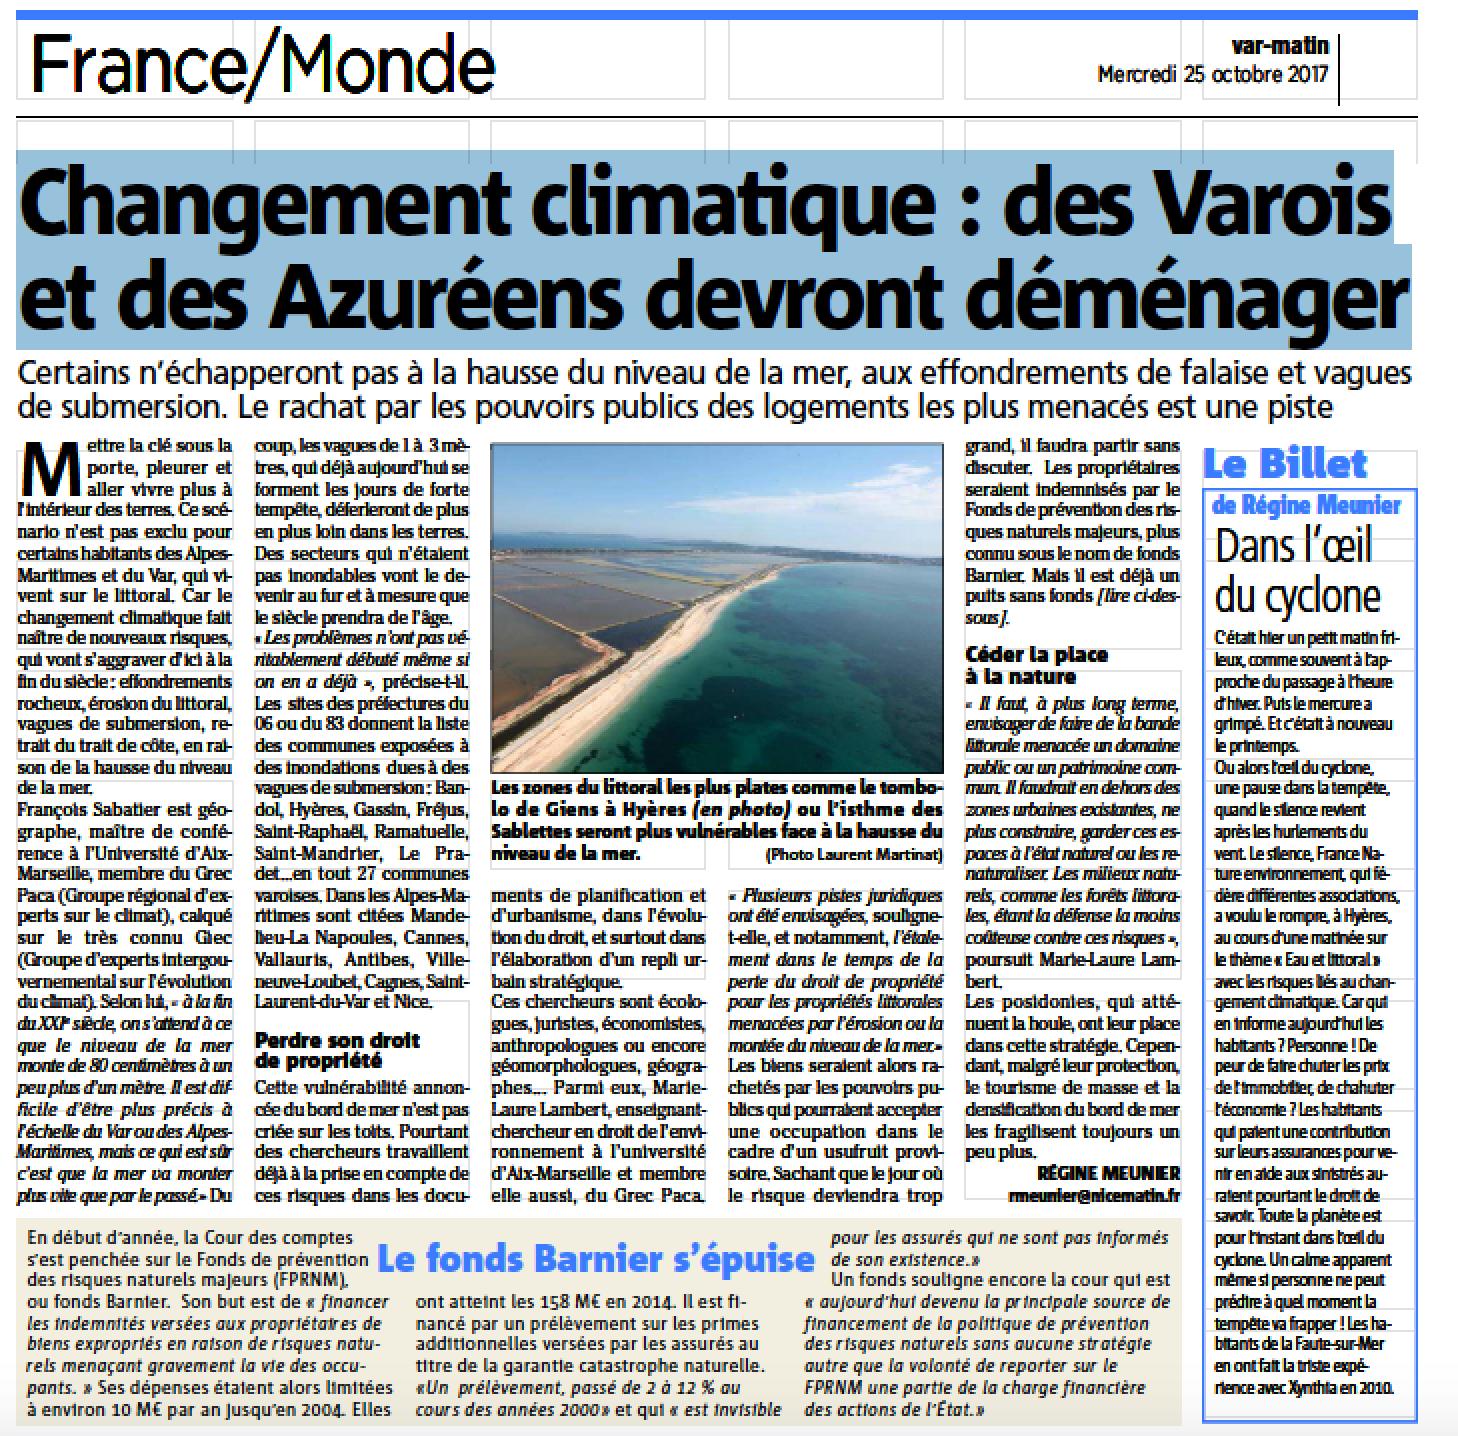 Hausse du niveau de la mer - Le GREC-PACA dans la presse